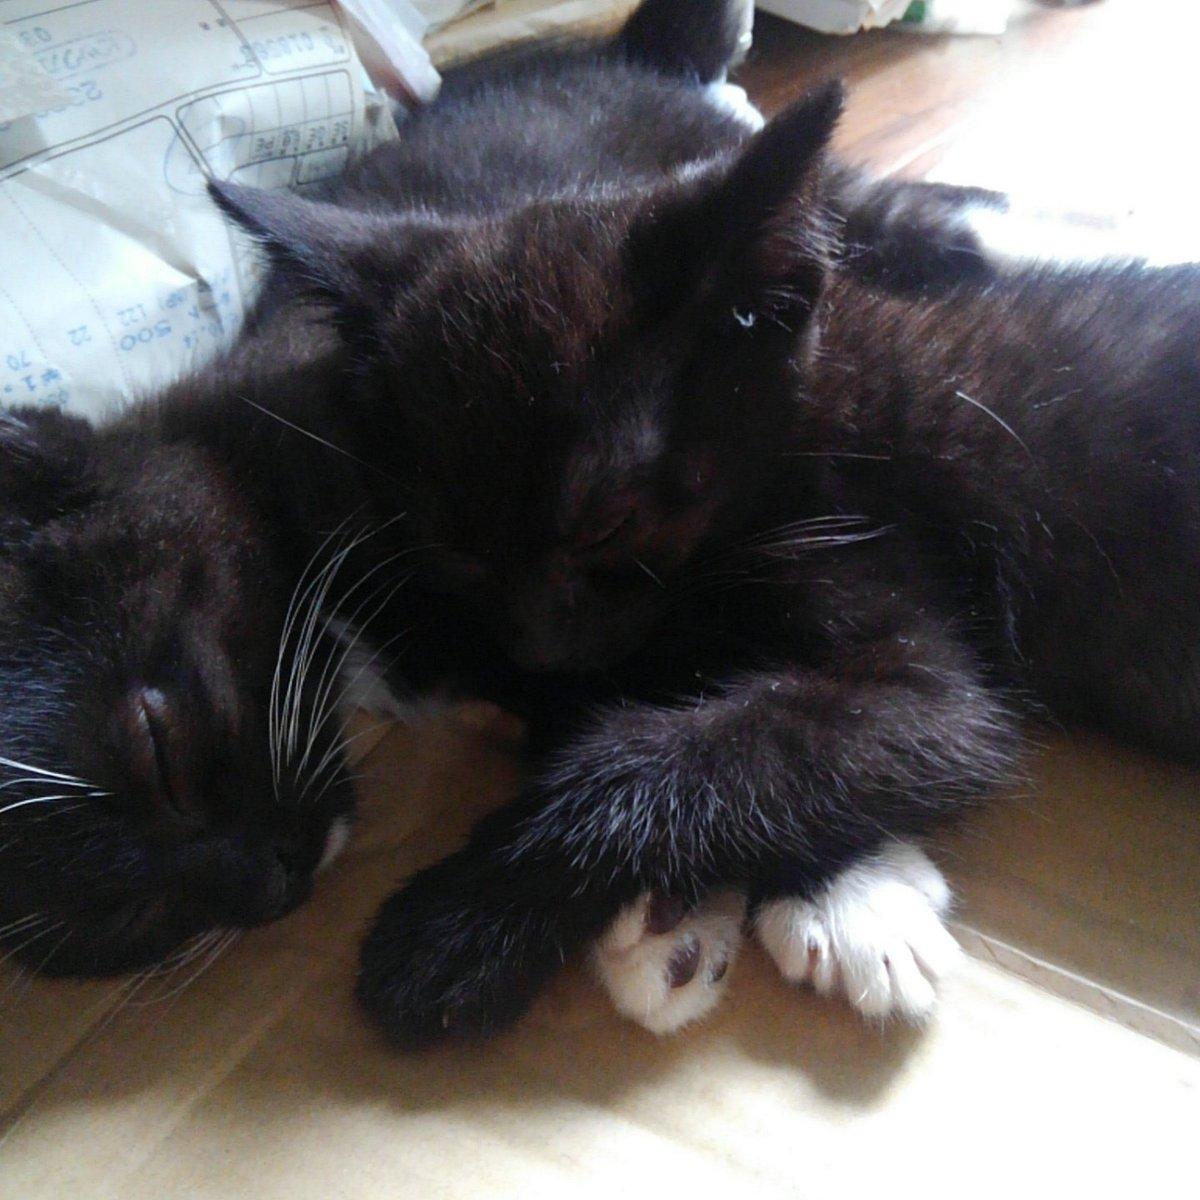 自宅ベランダに母猫が子猫を連れてきましたペット不可のマンションで こっそり保護してますが  どなたか里親になっていただけないでしょうか よろしくお願いします 引渡し等応相談 #子猫 #里親募集 #拡散希望 #板橋 https://t.co/qCuMkNlz0C